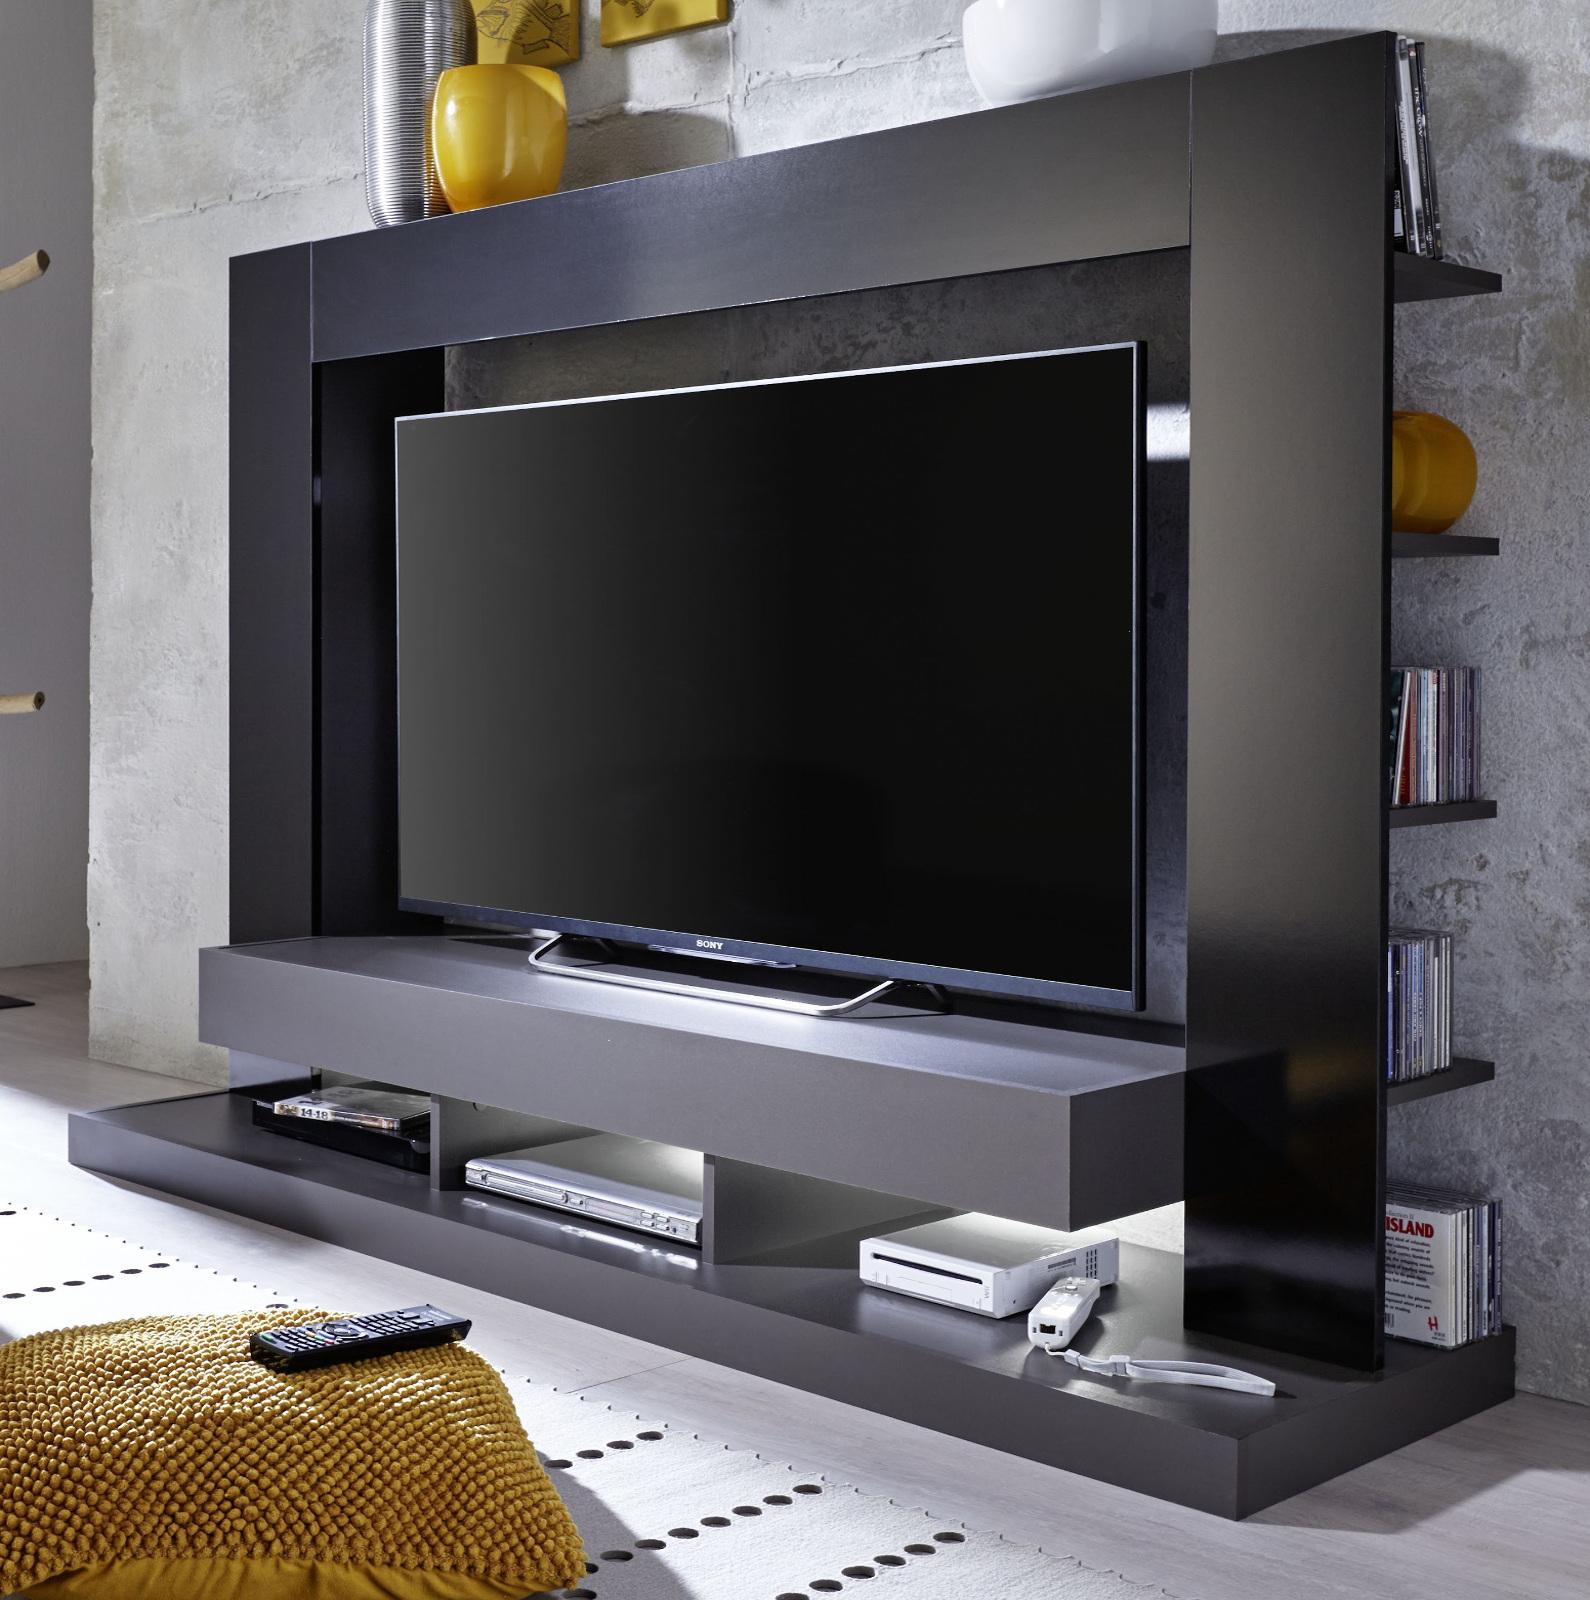 TV Unterteil Medienwand Cyneplex schwarz grau glänzend 164 x 124 cm ...